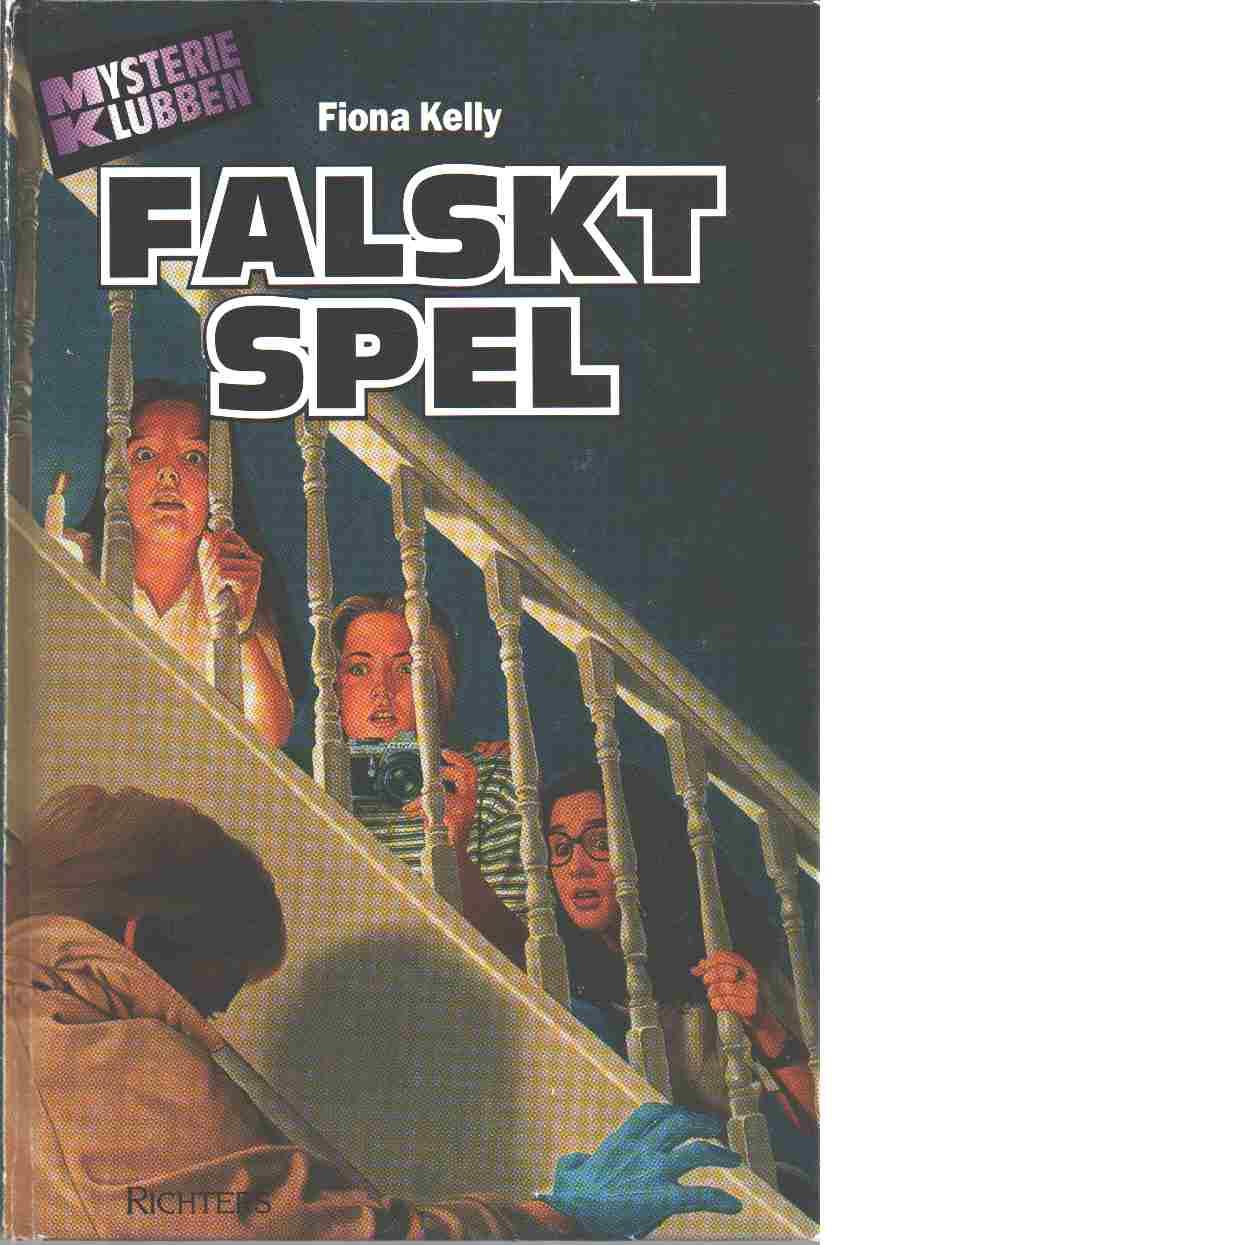 Falskt spel - Kelly, Fiona